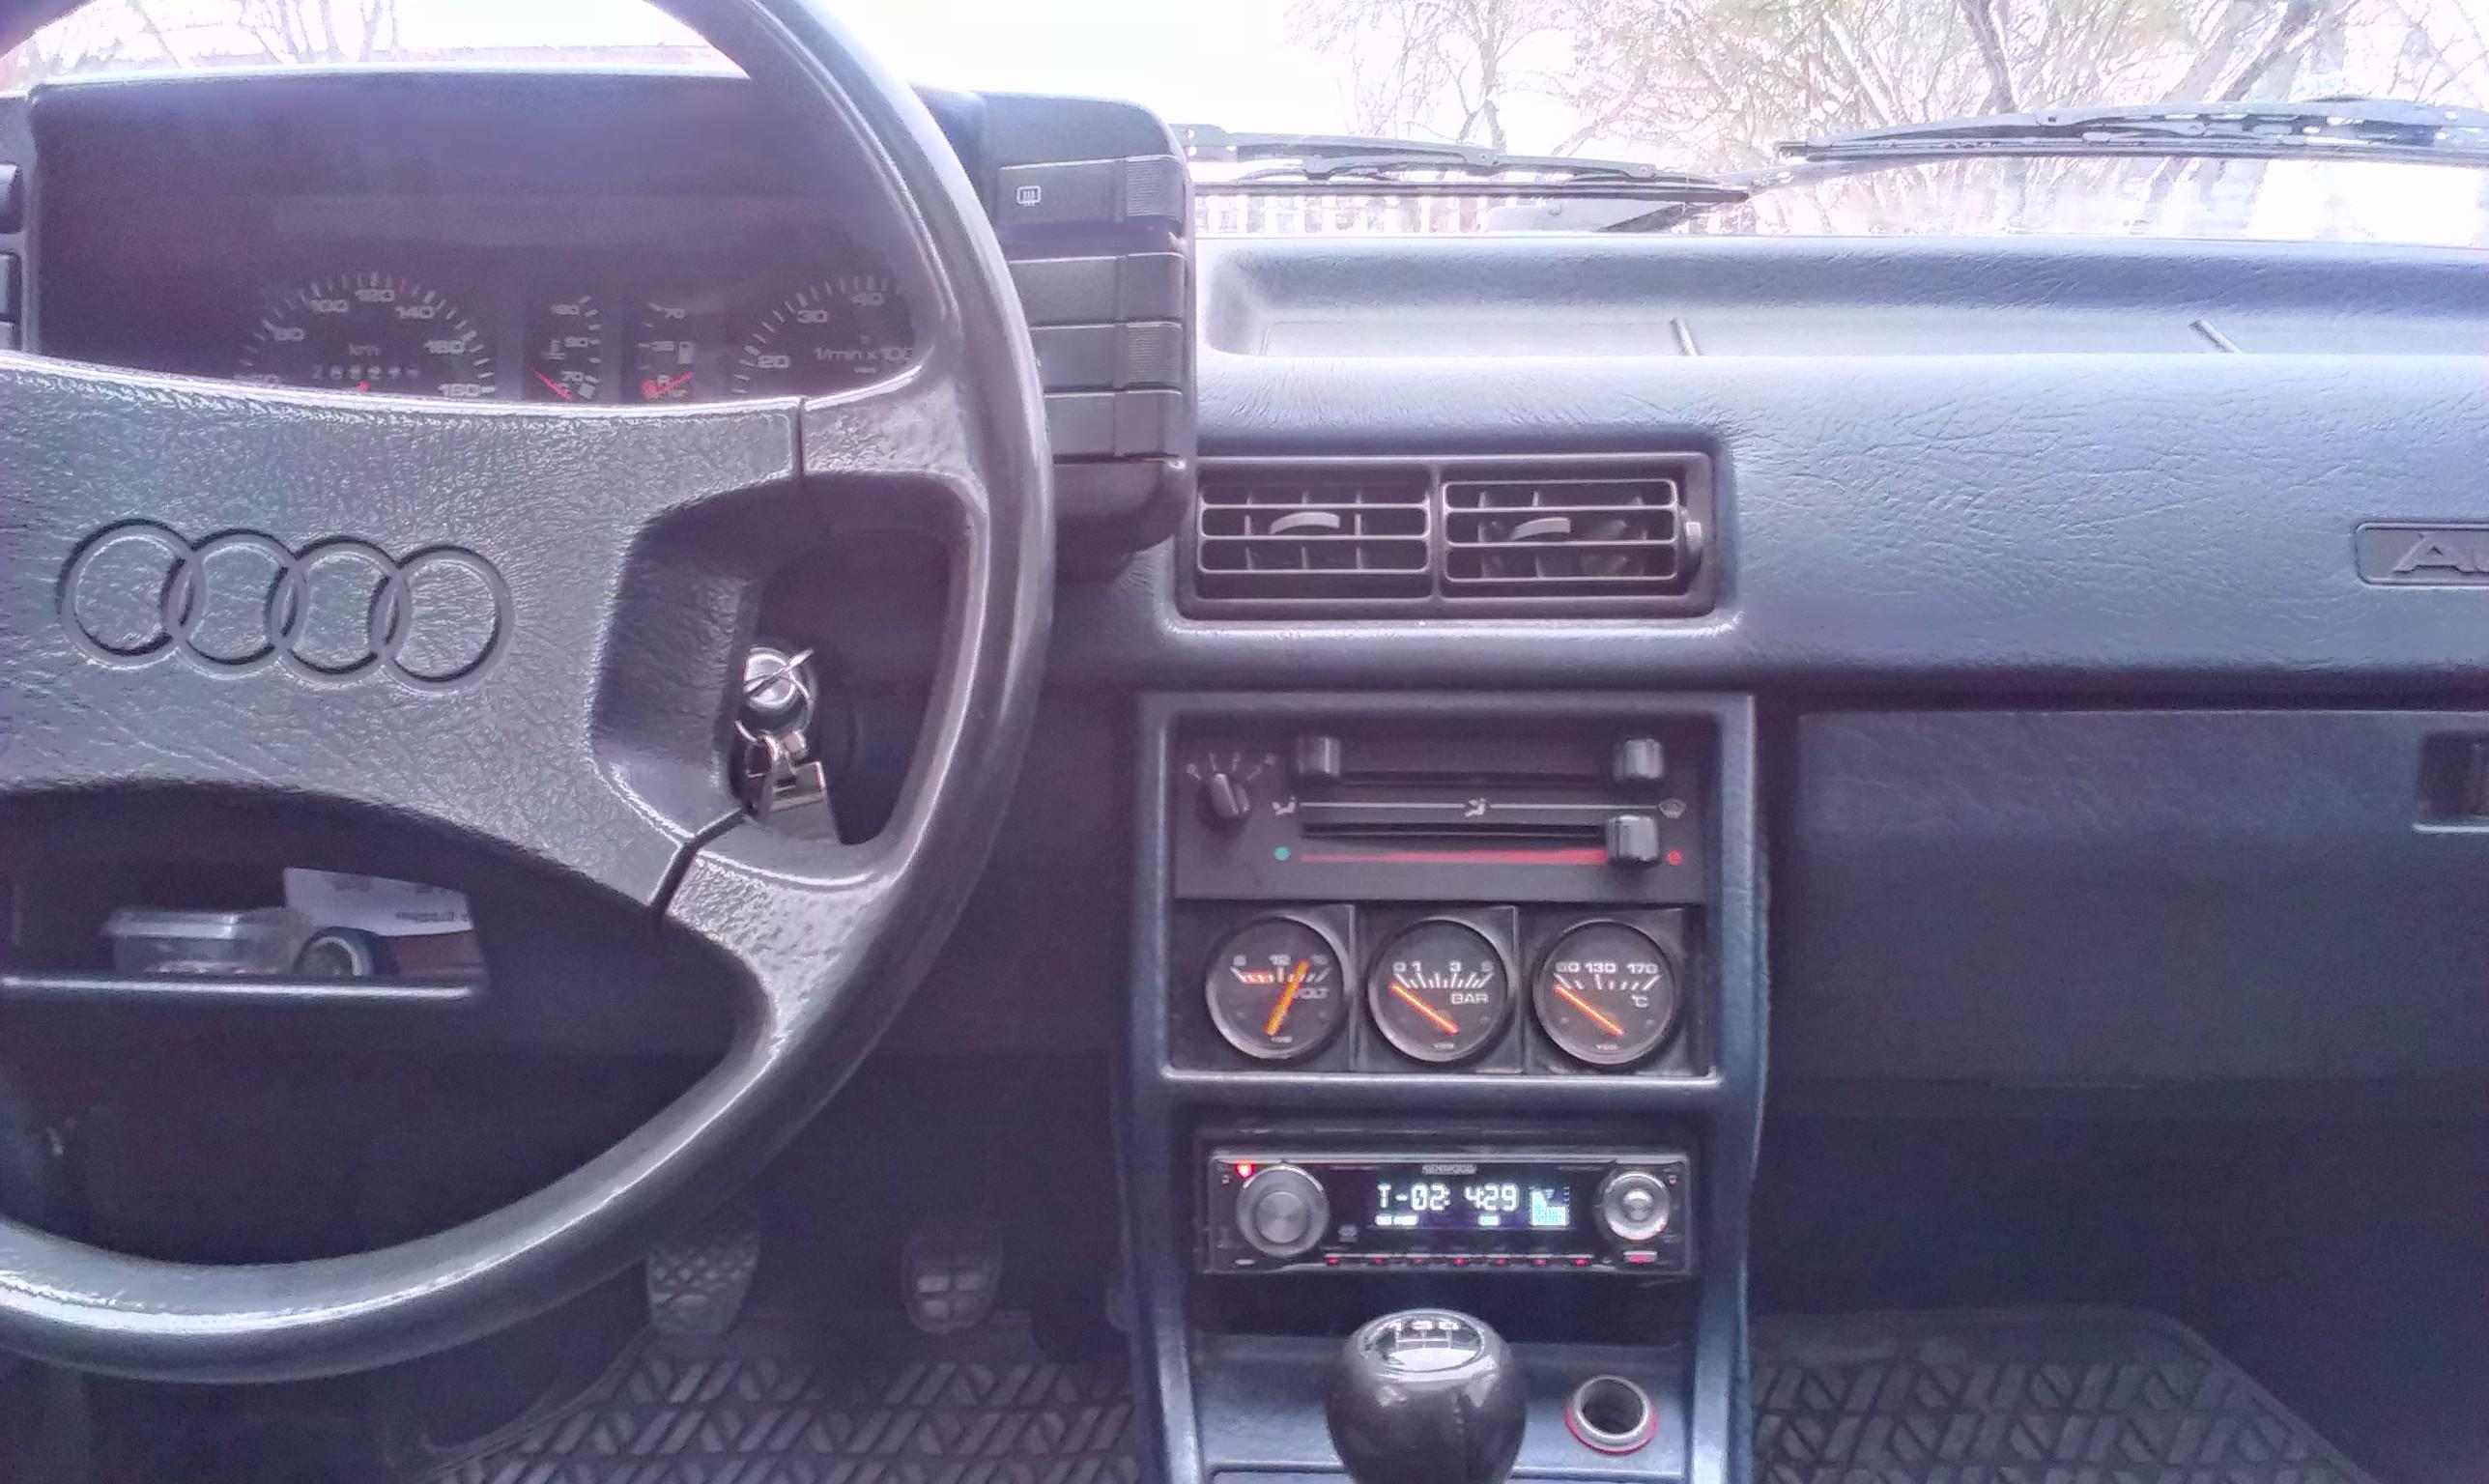 xekb400uio8ptte09f04.jpg